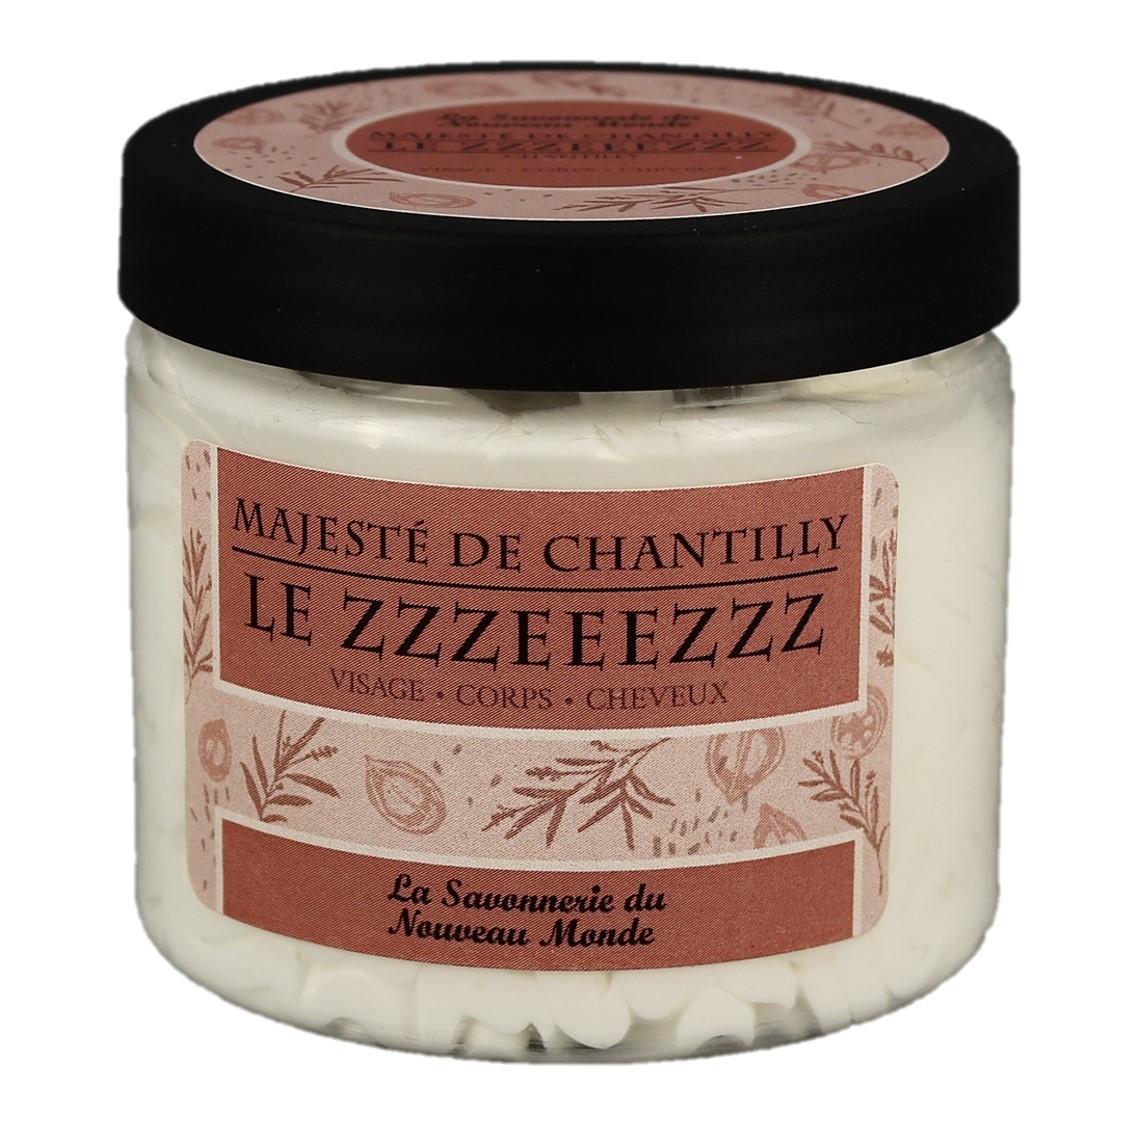 la Savonnerie du Nouveau Monde - Zzzeeezzz - Majeste de chantilly